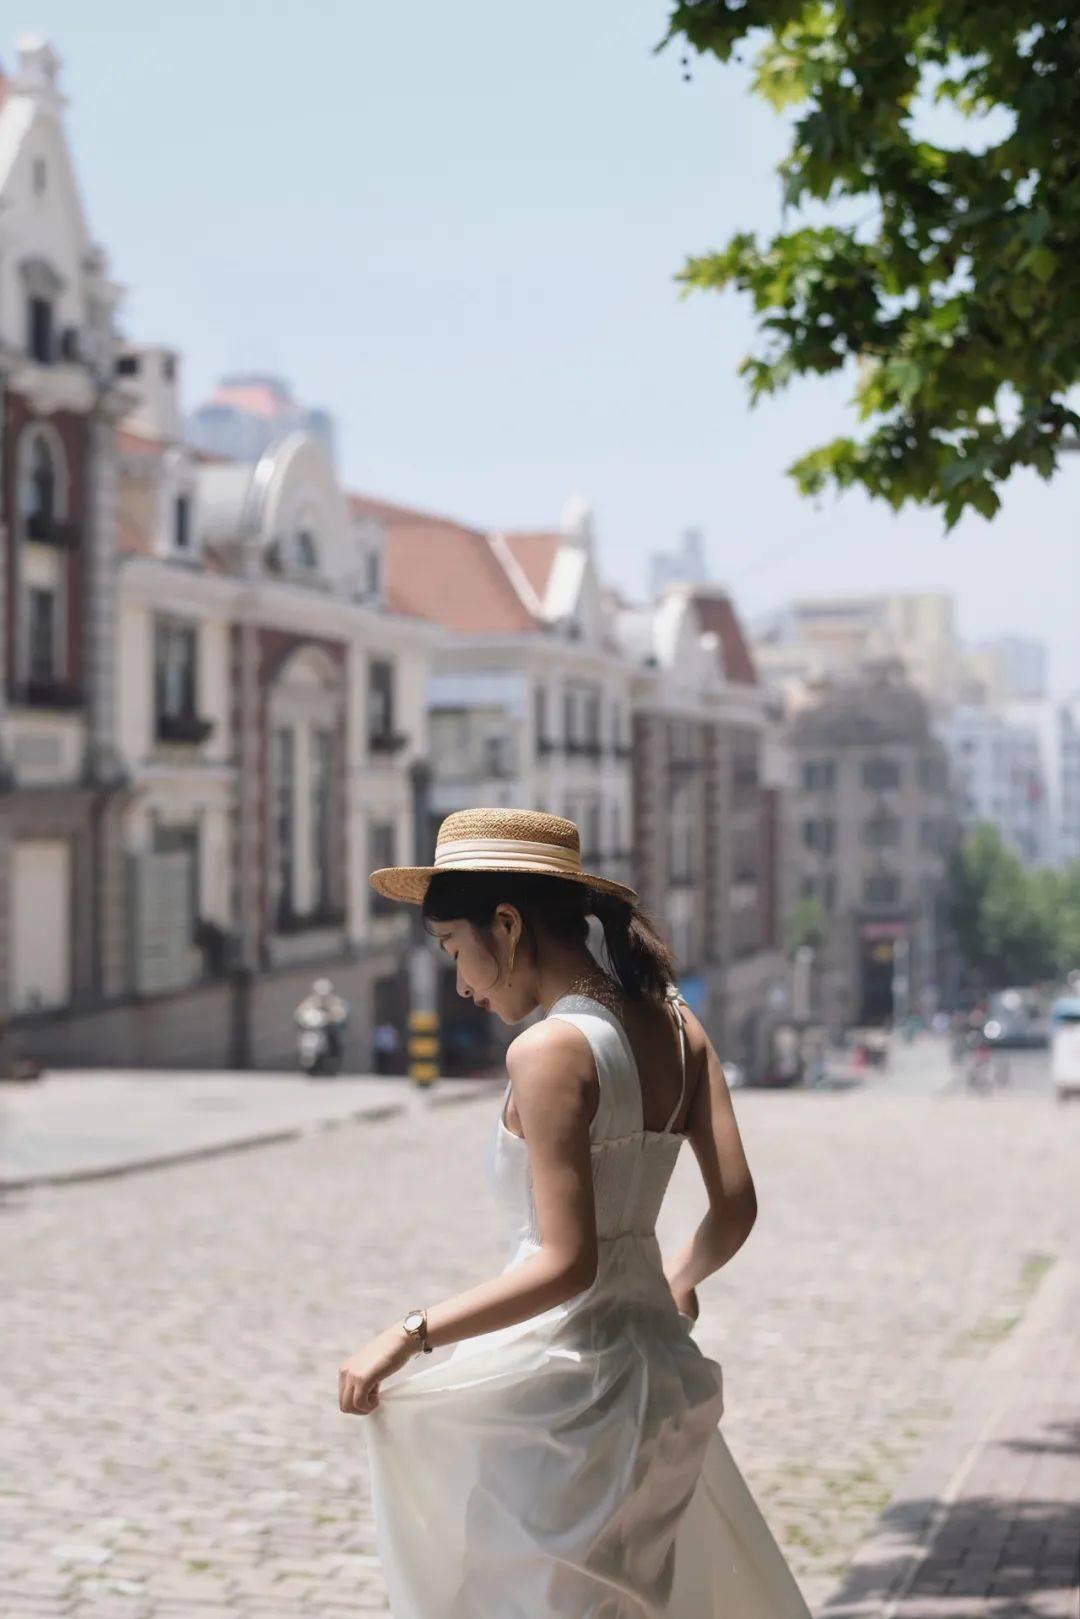 青岛 |海边散步,城中迷路